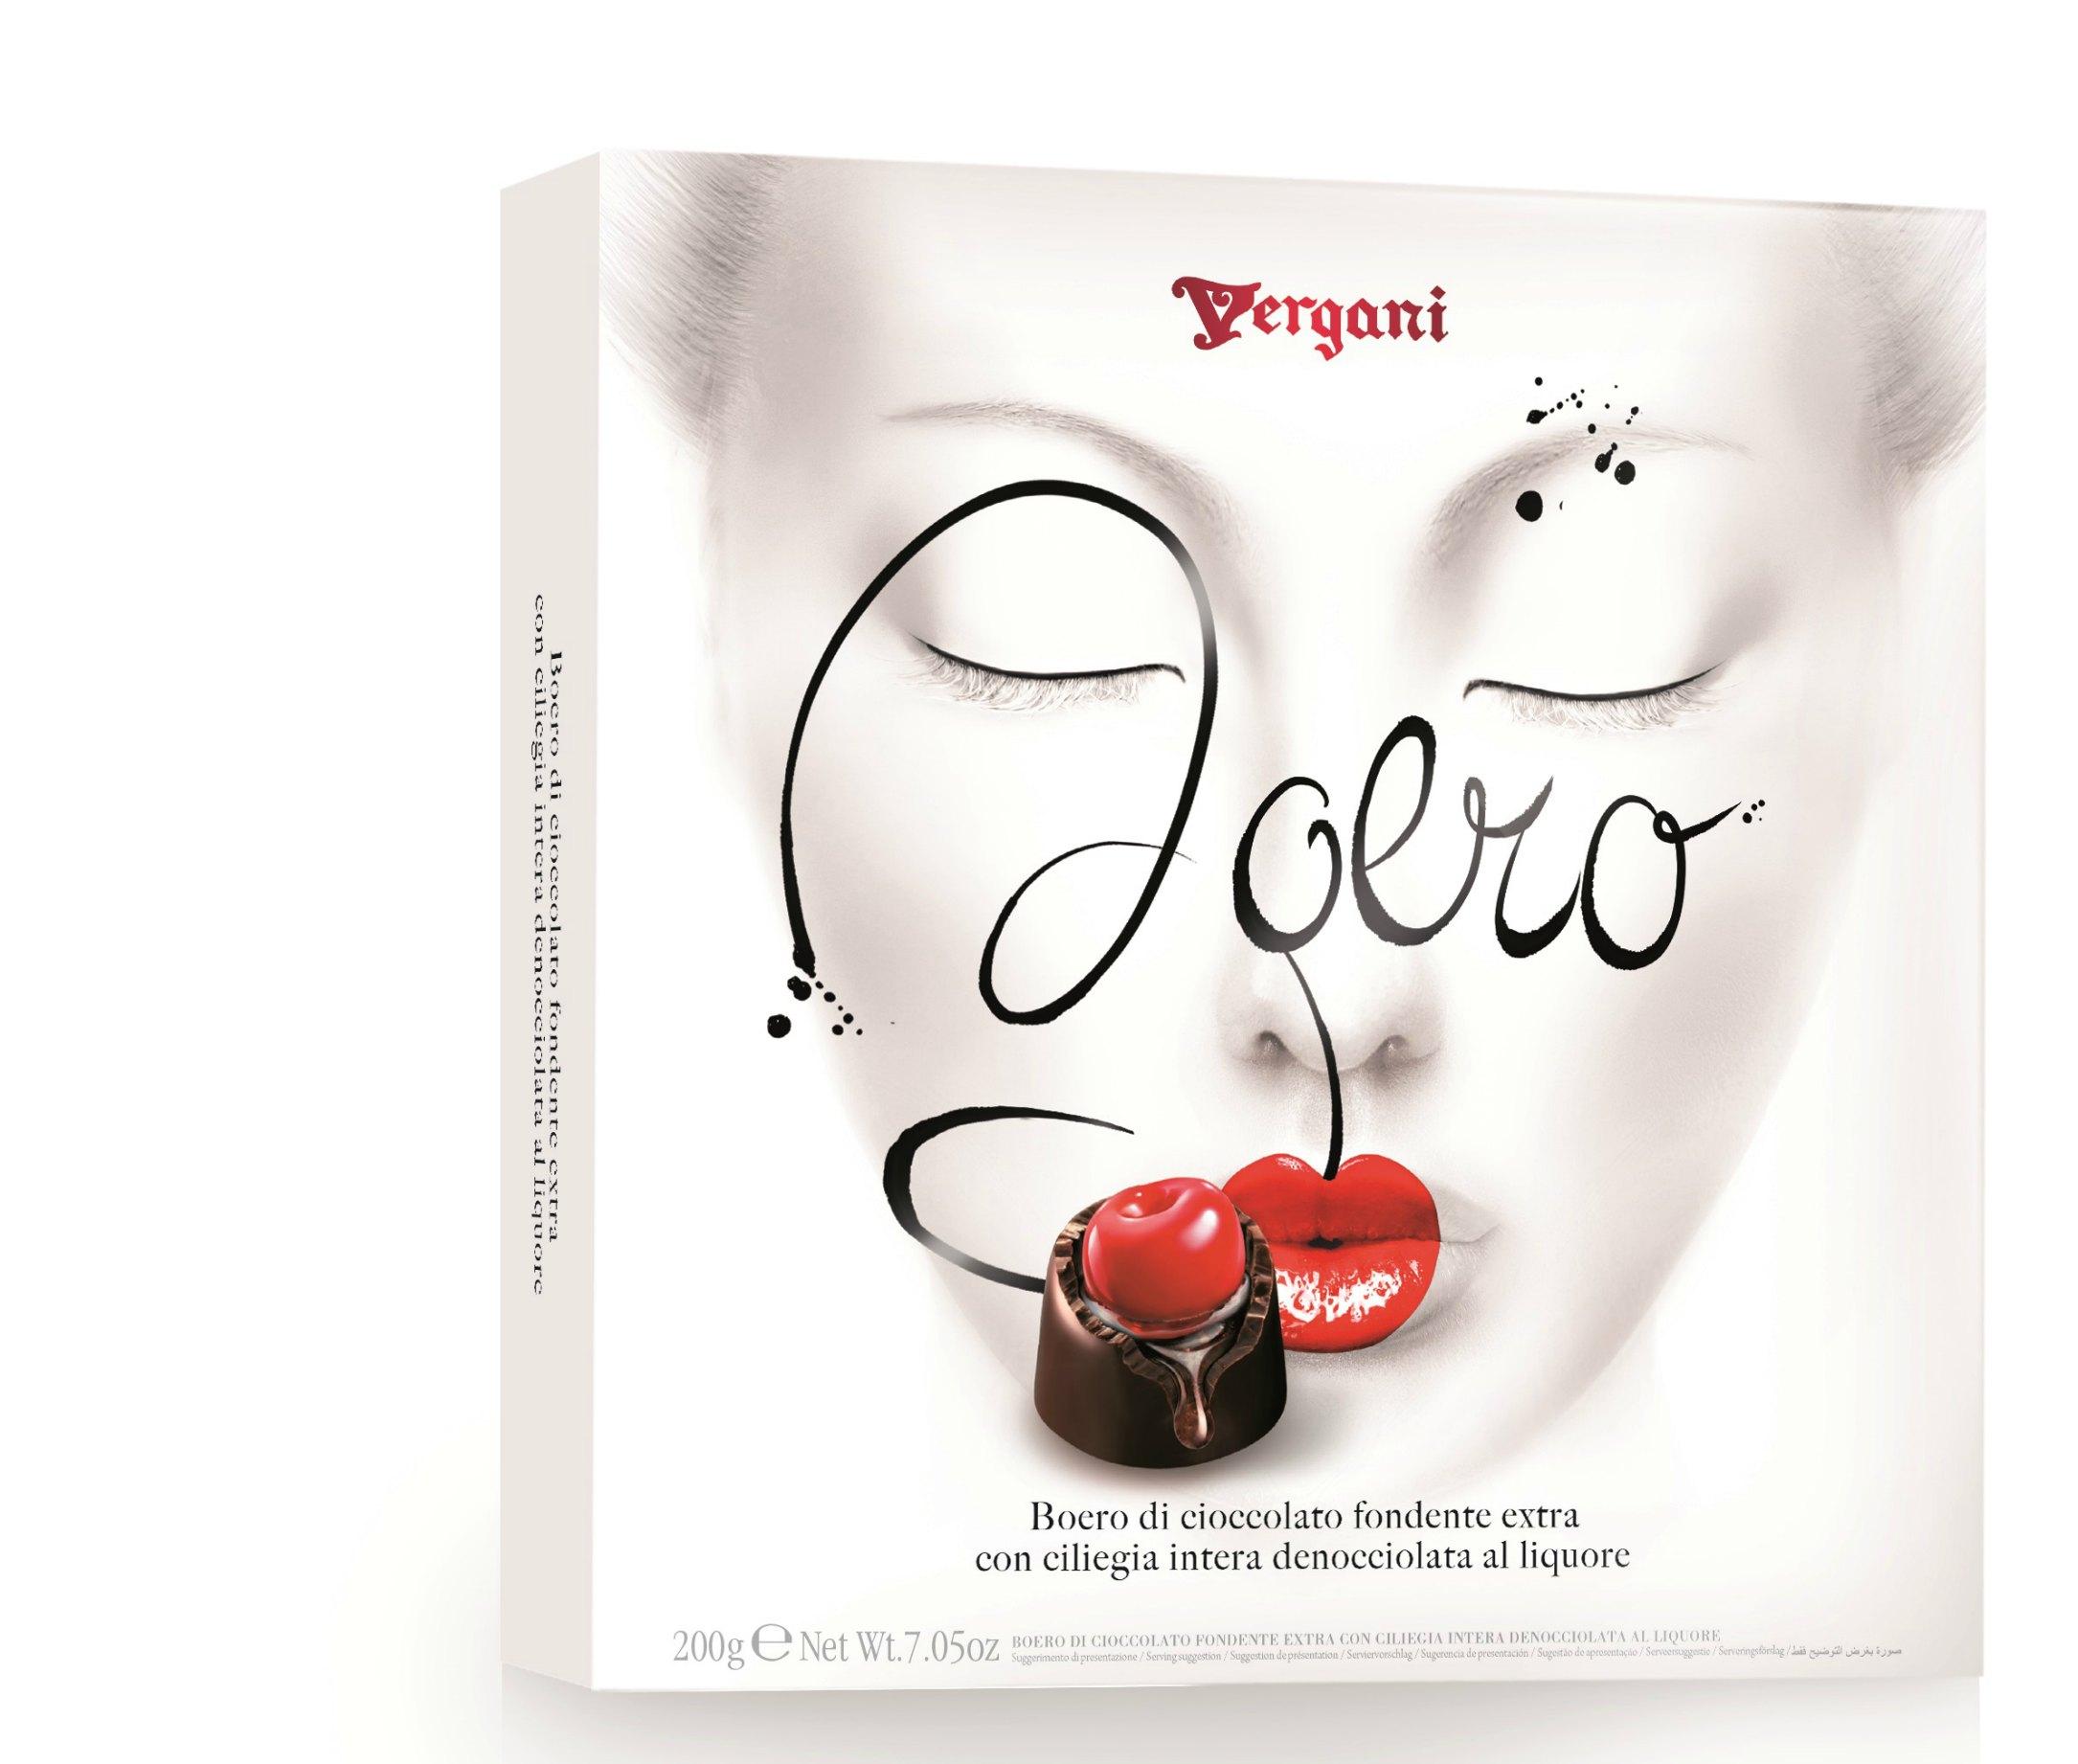 Конфеты из темный шоколада с вишней в ликере Secondo Vergani Spa